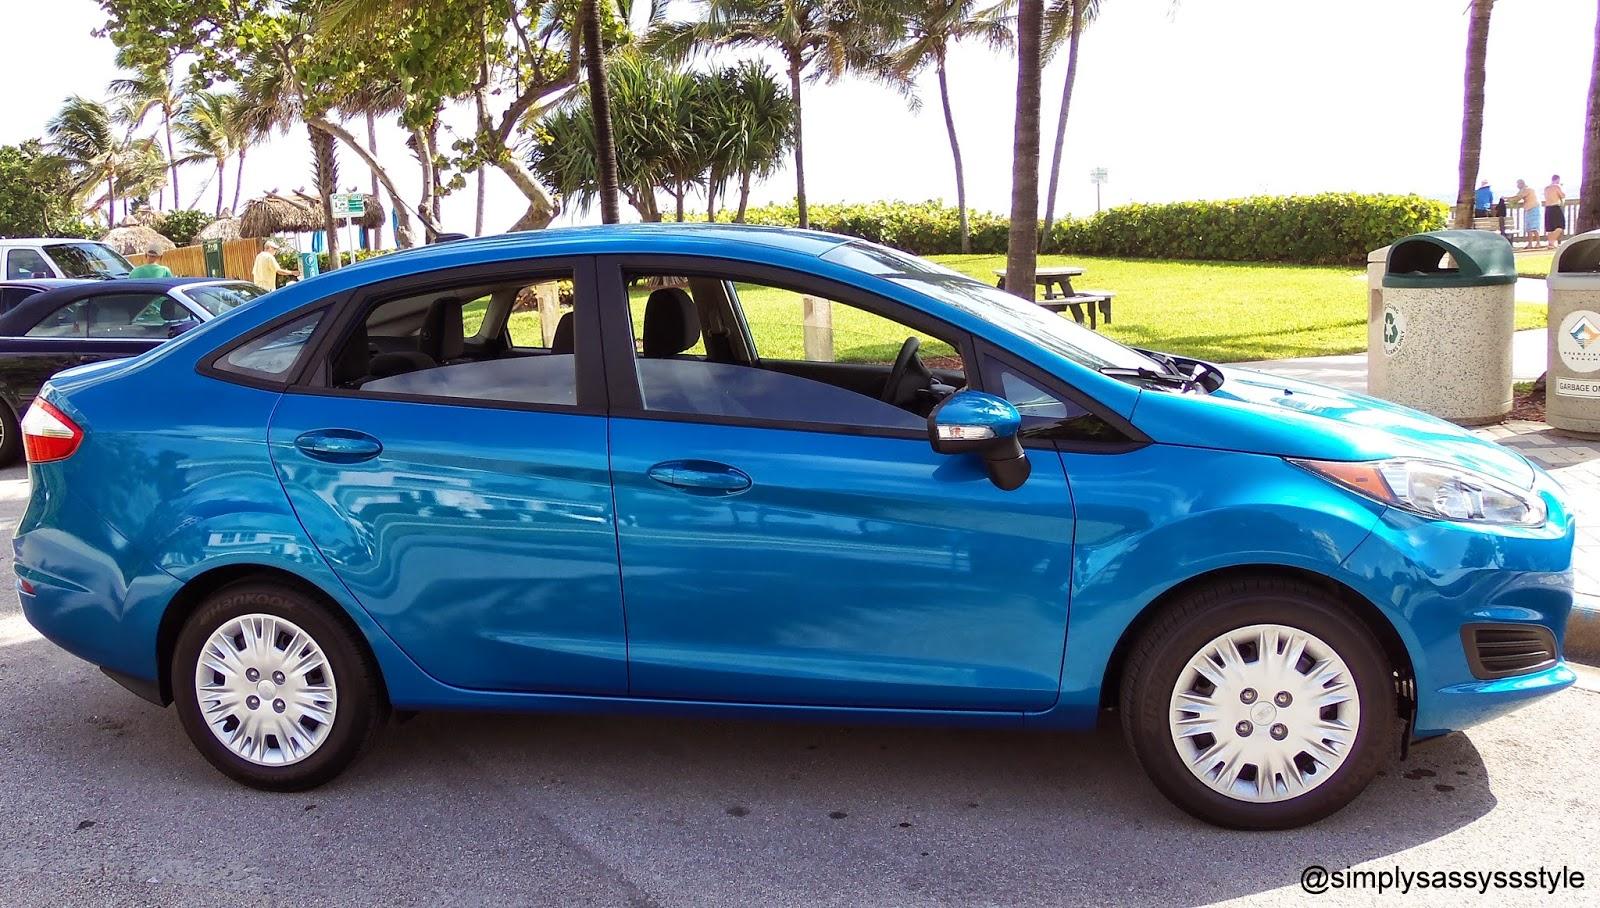 Ford Fiesta www.simplysassysstyle.com